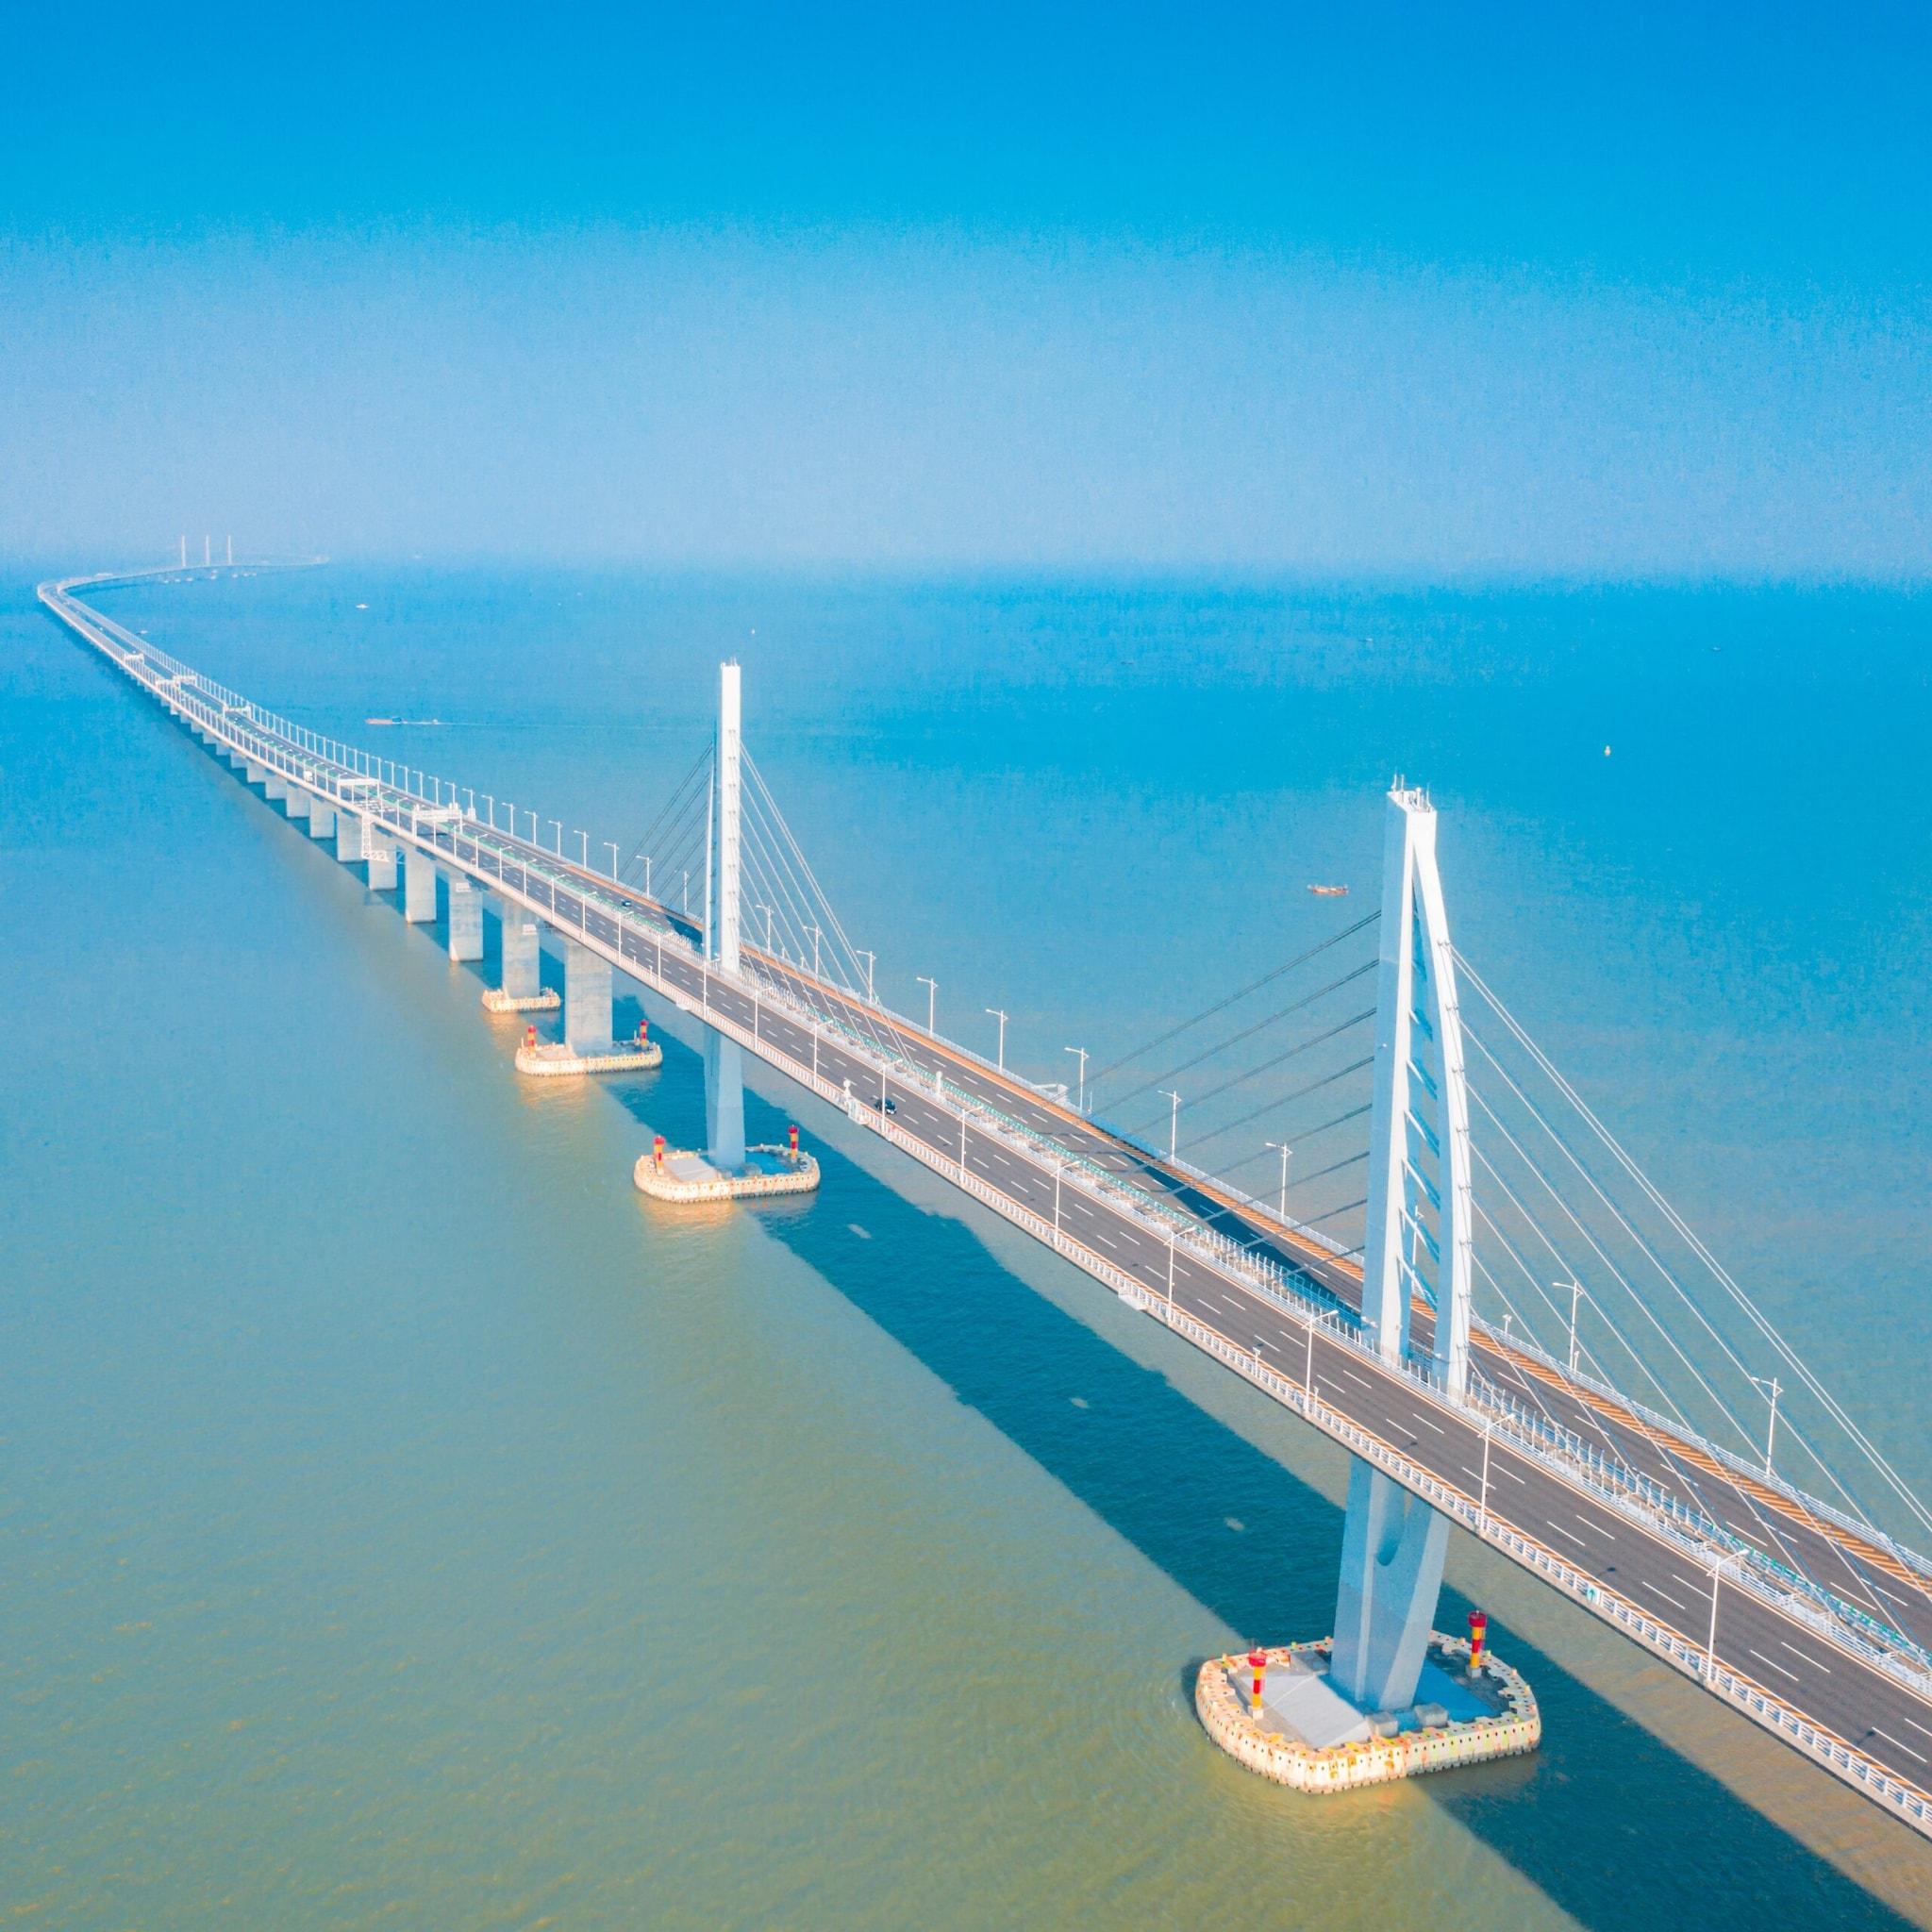 Bridge, Building, Road